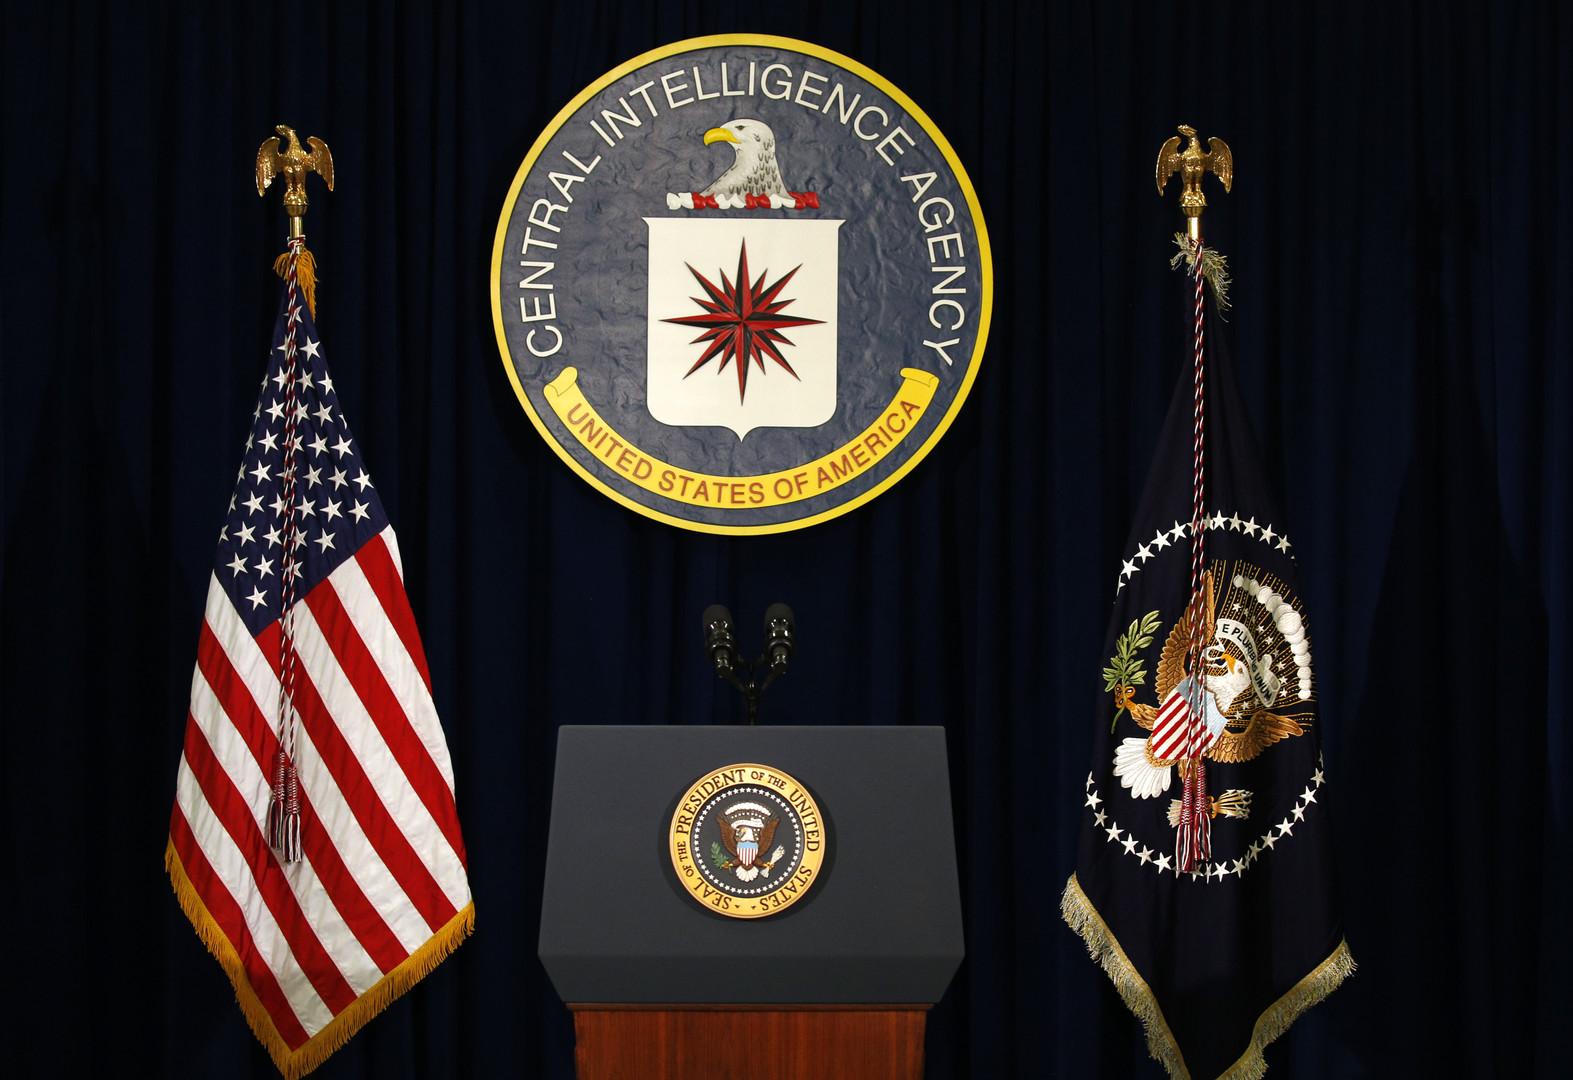 Побои в программе: директор ЦРУ признал ошибочными методы допросов в своём ведомстве